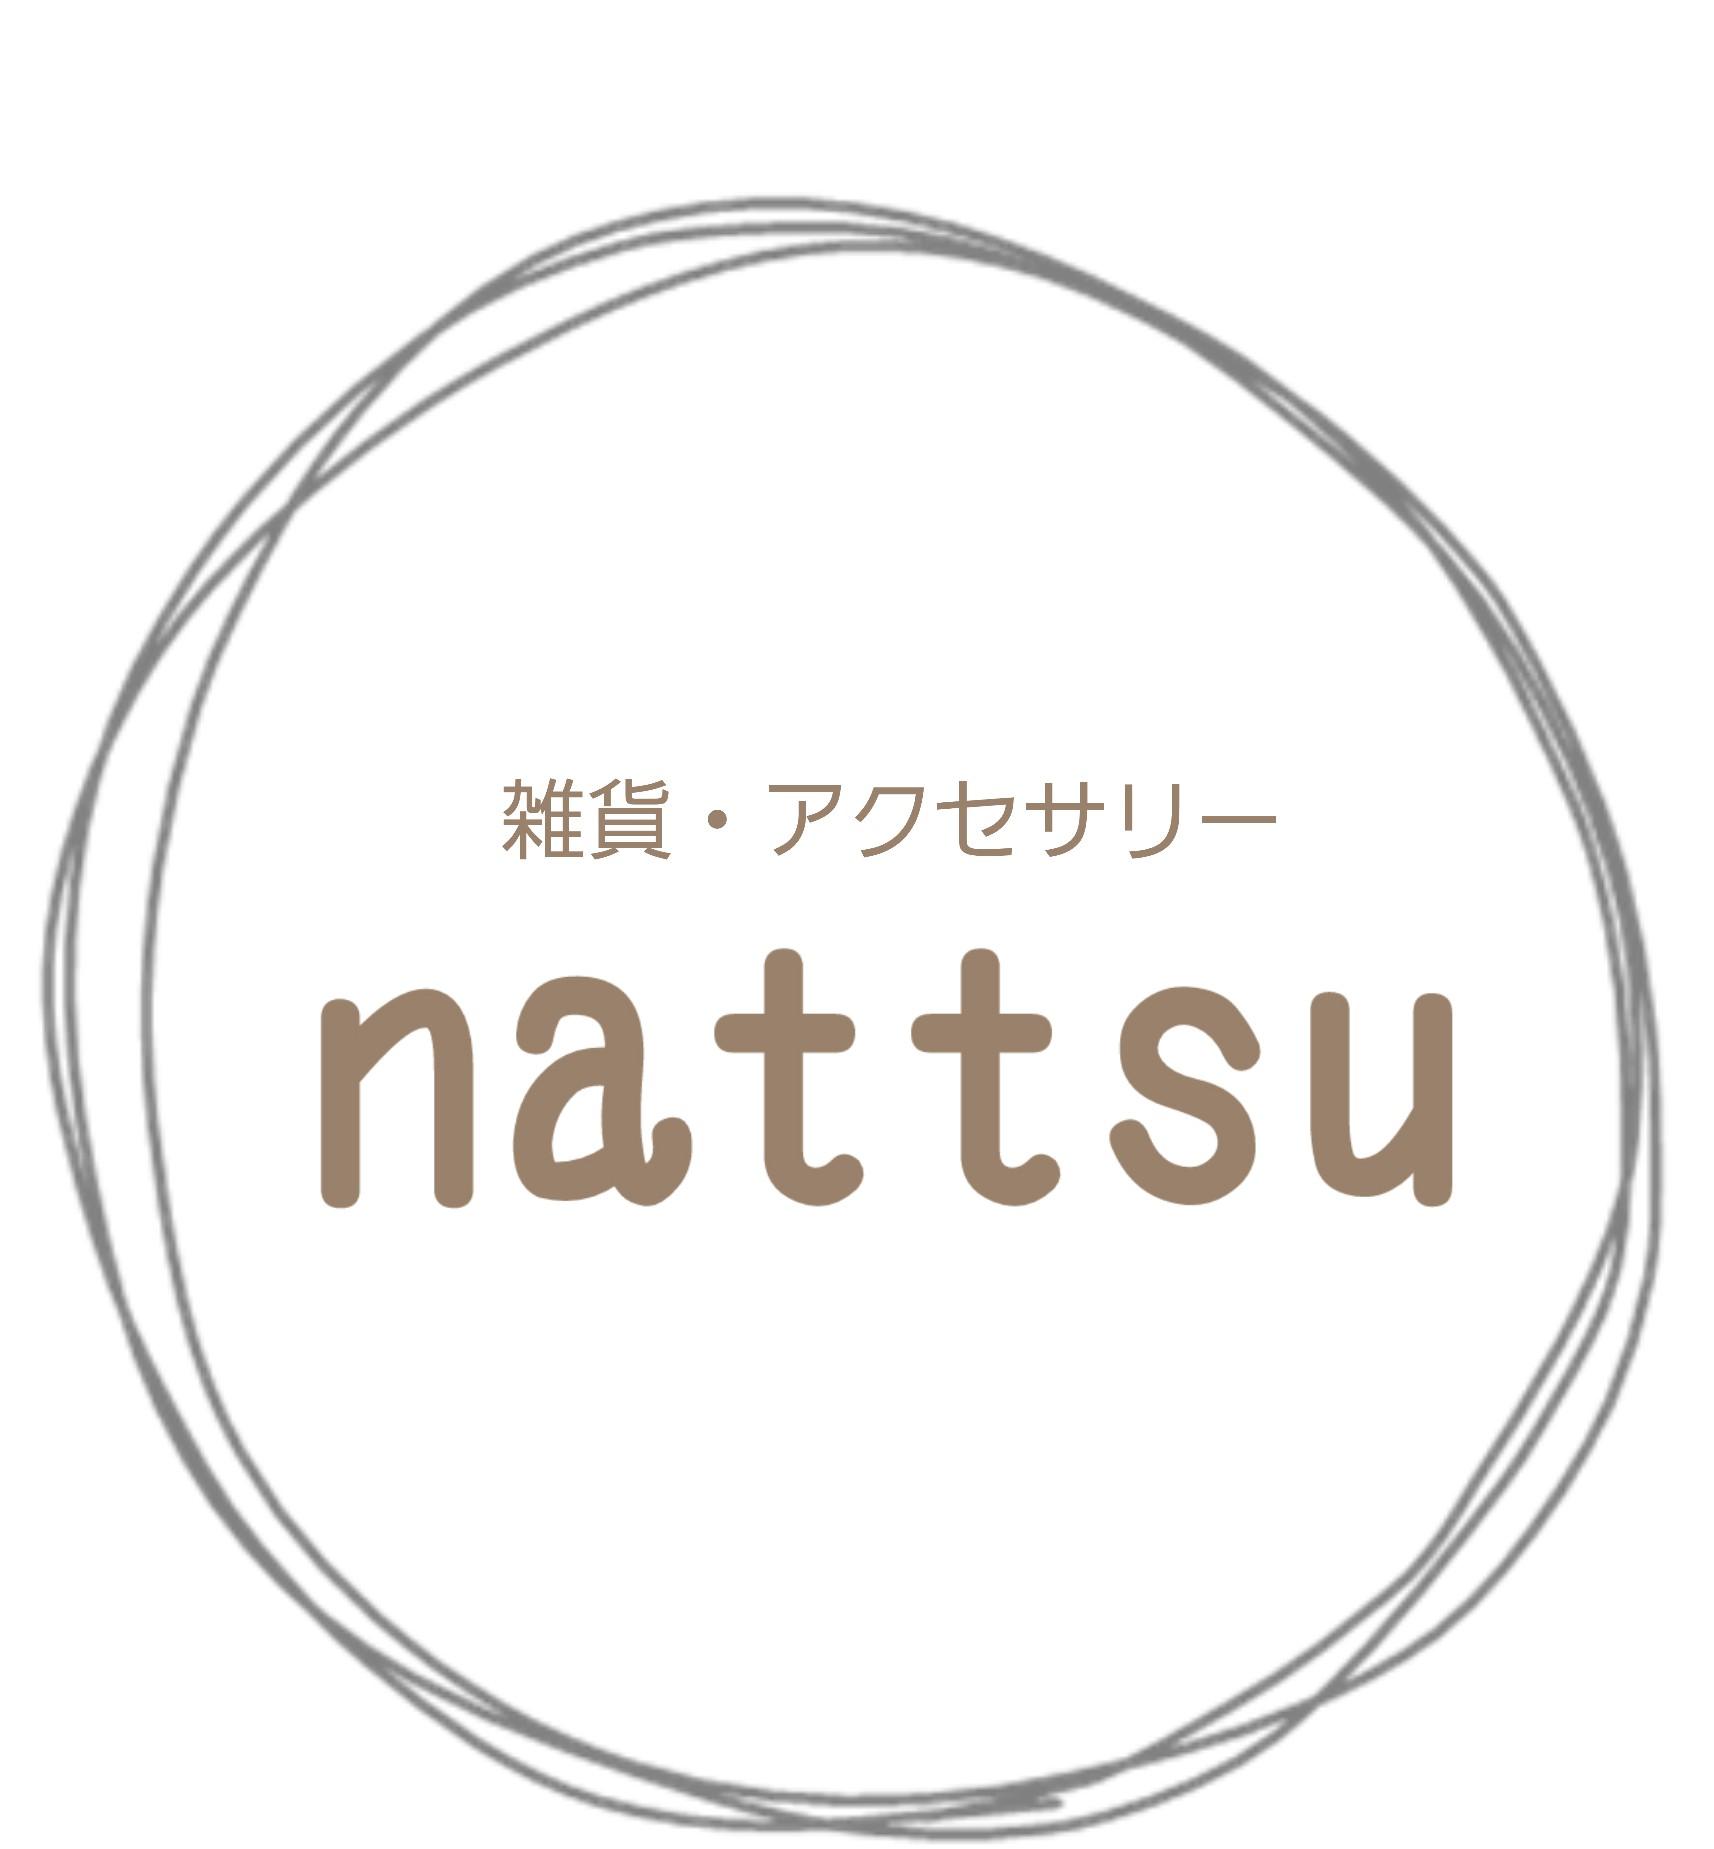 雑貨・アクセサリー nattsu